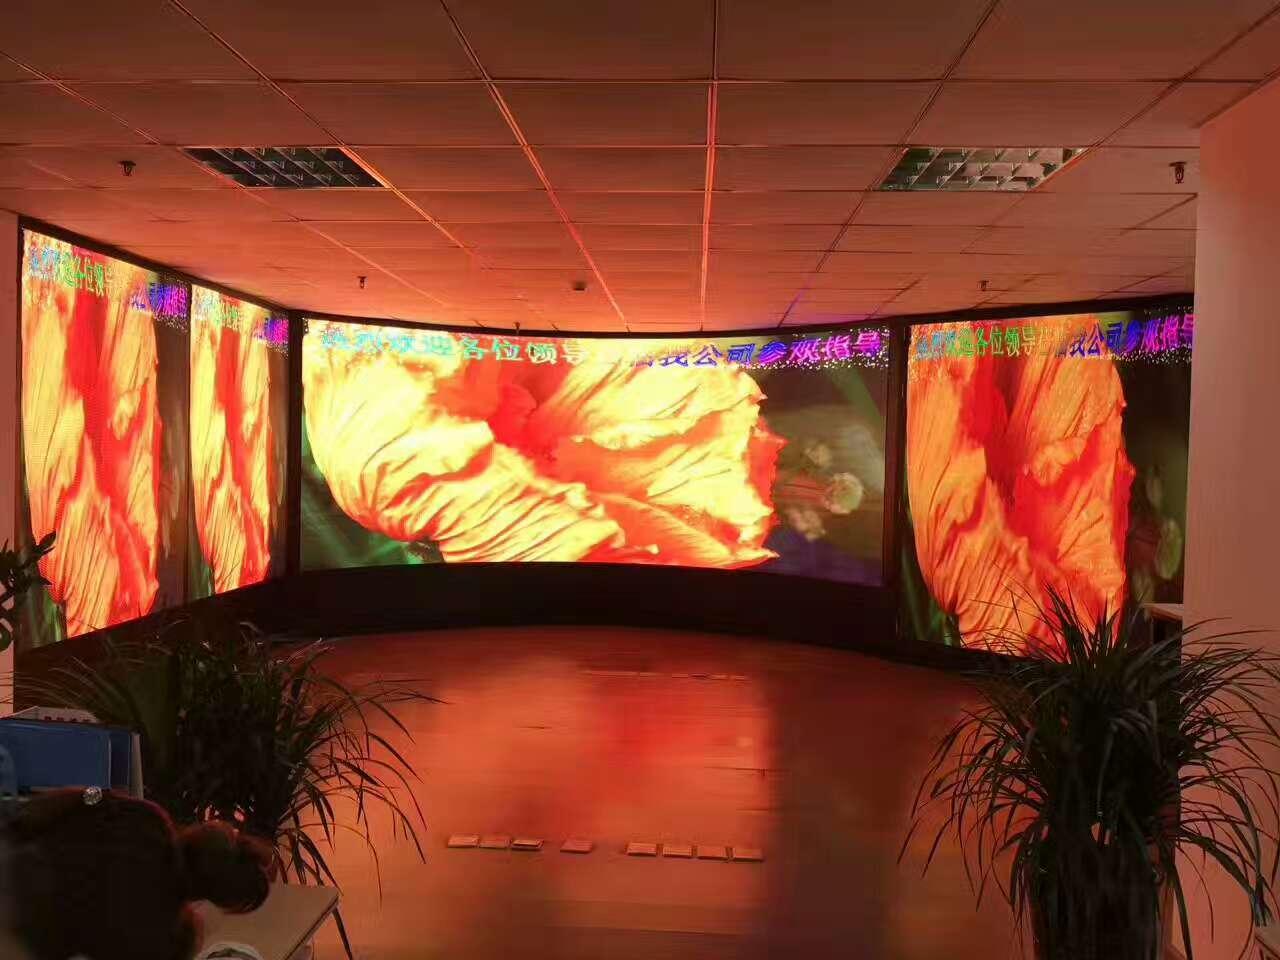 长治高科H5-ILED显示屏 从辉科技